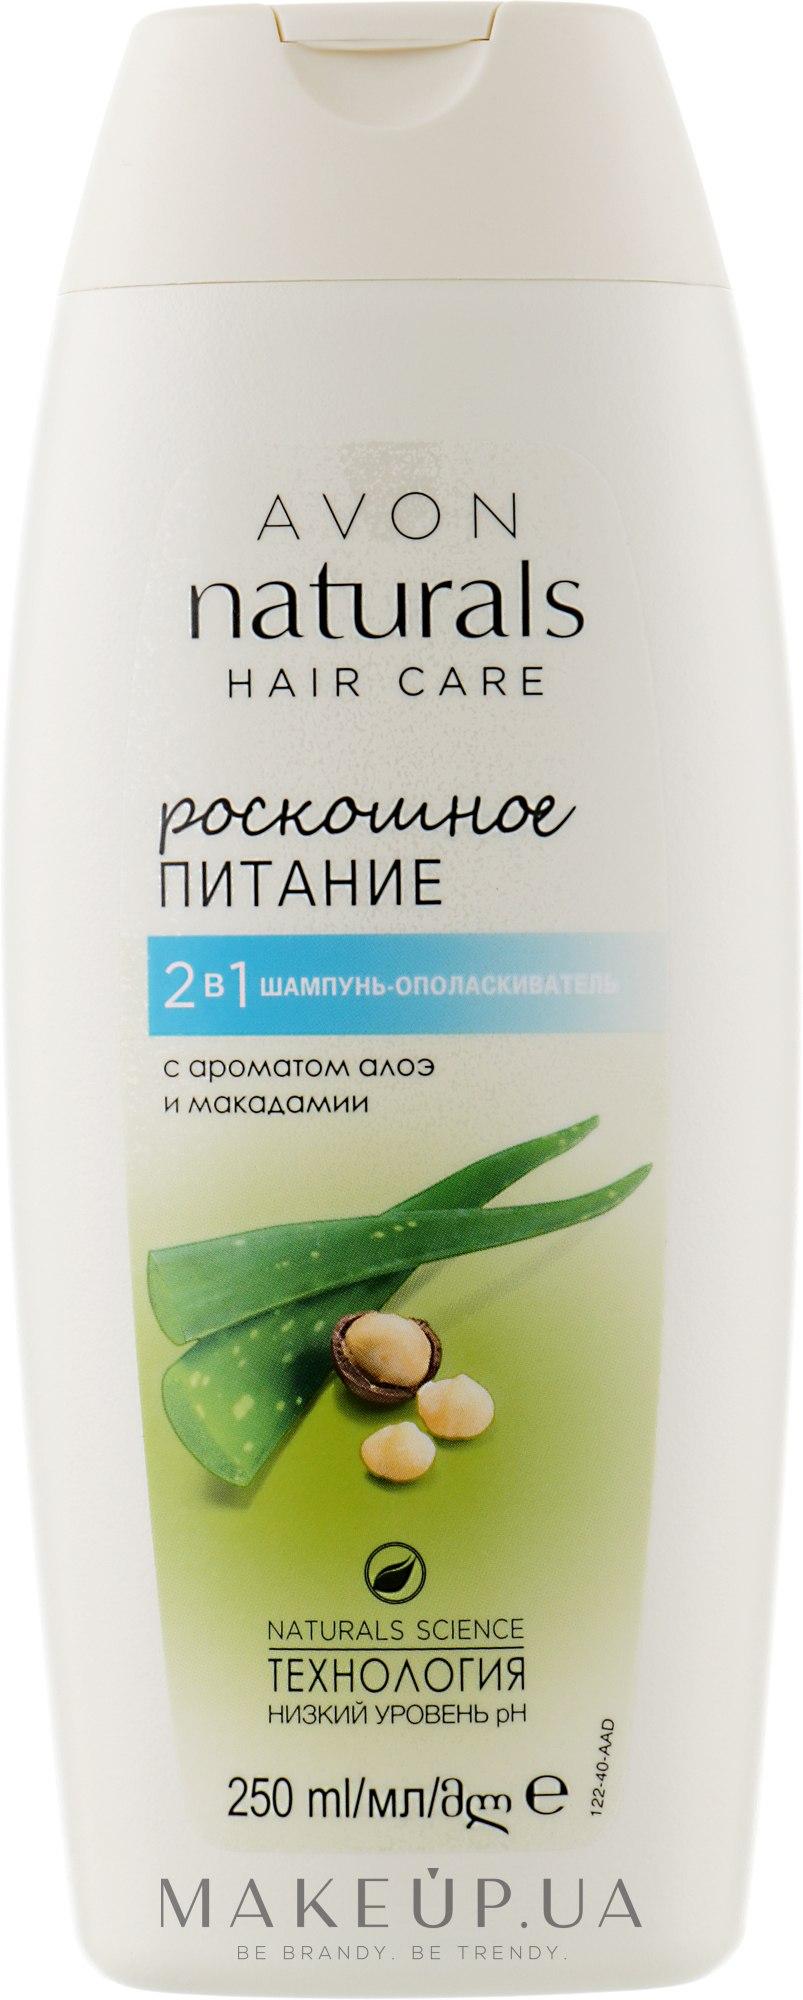 """Шампунь-ополаскиватель 2 в 1 с ароматом алоэ и макадамии """"Роскошное питание"""" - Avon Naturals Hair Care — фото 250ml"""